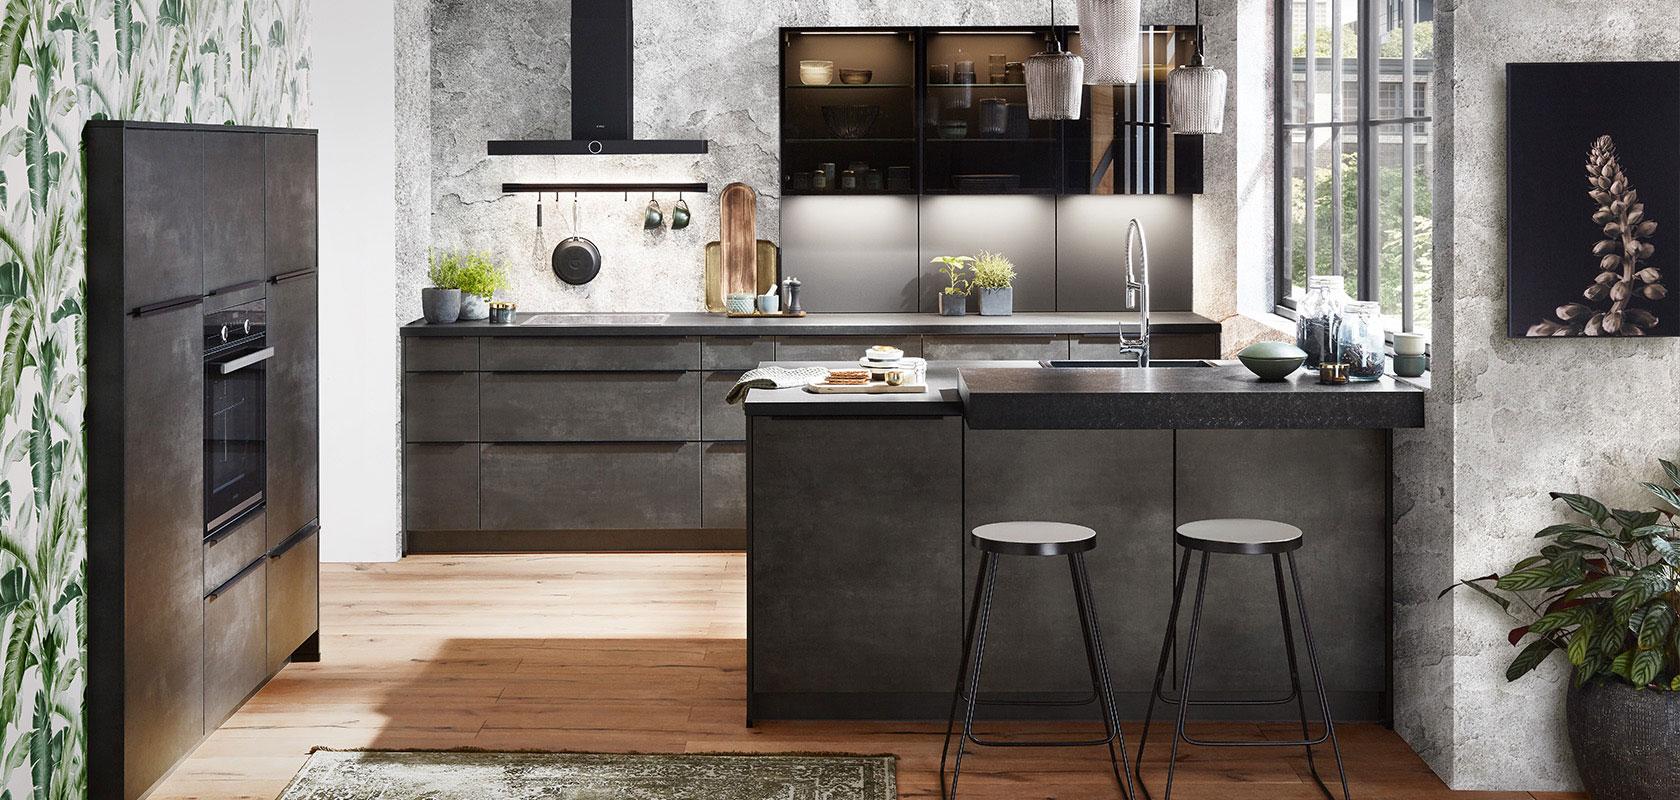 Moderne Einbauküche in Betonoptik kombiniert mit Küchenfußboden aus Holz